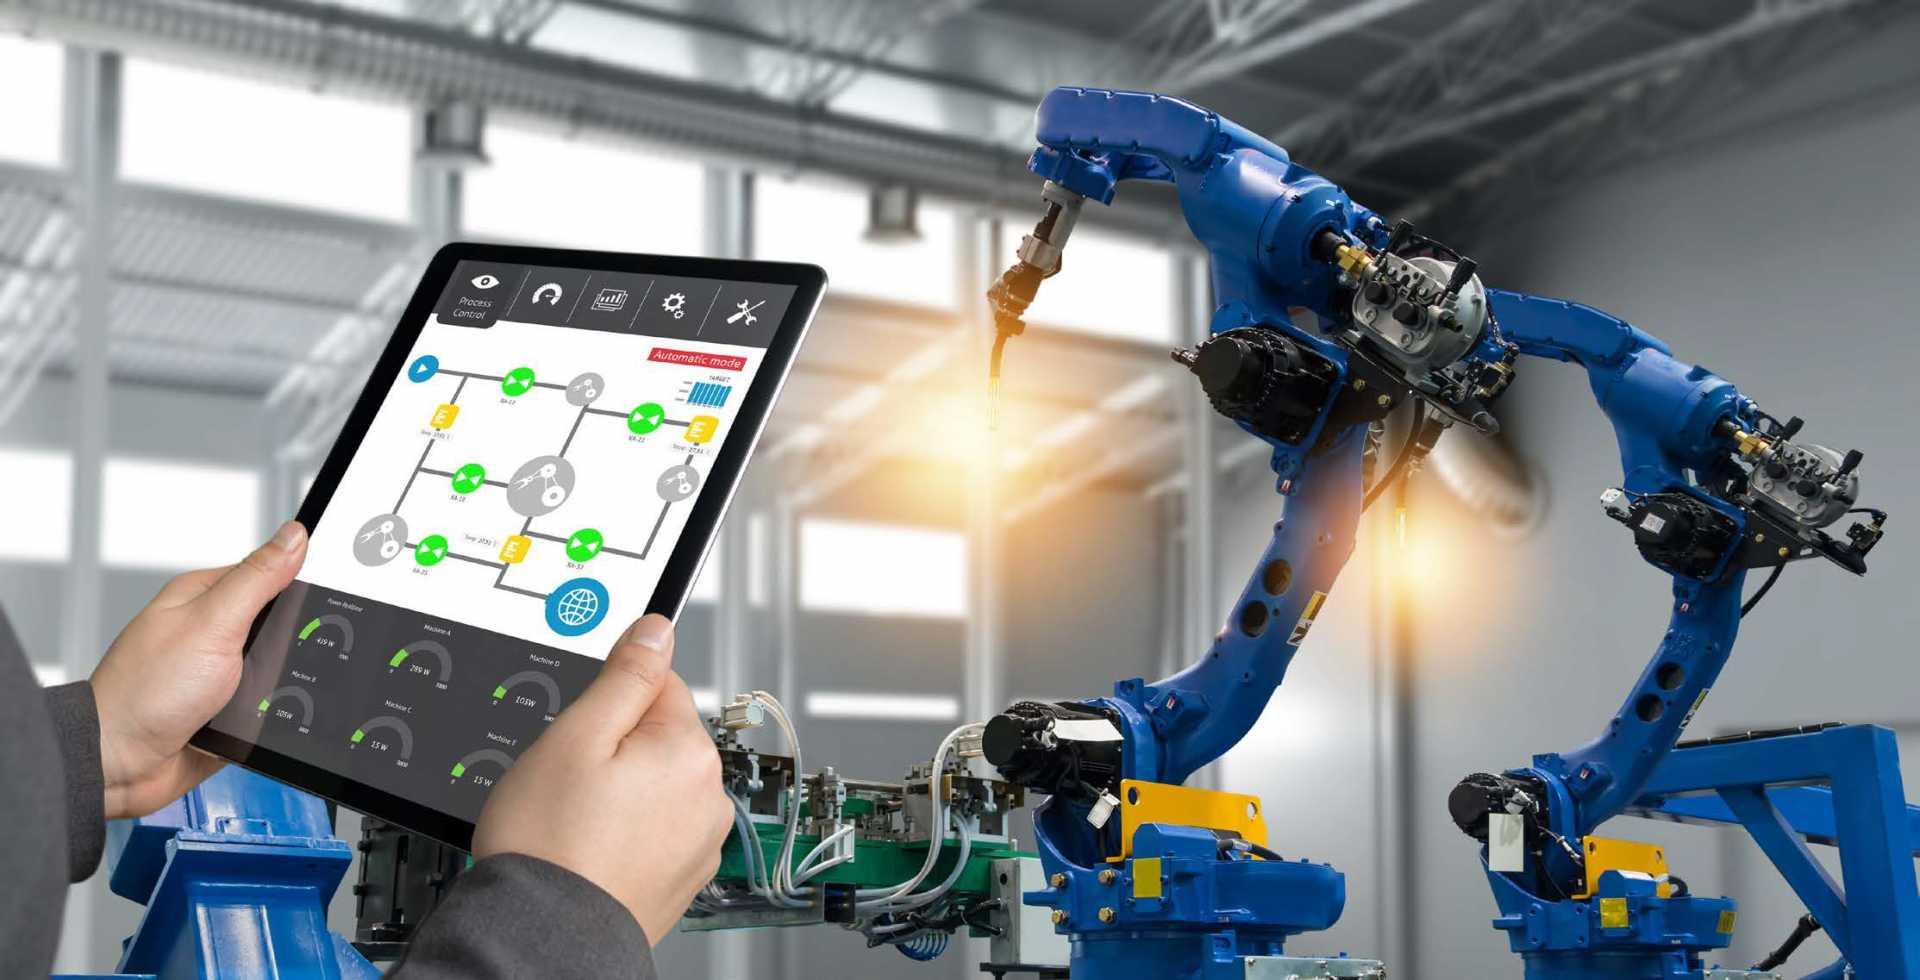 工业机器人在使用过程中是用什么语言编程的?